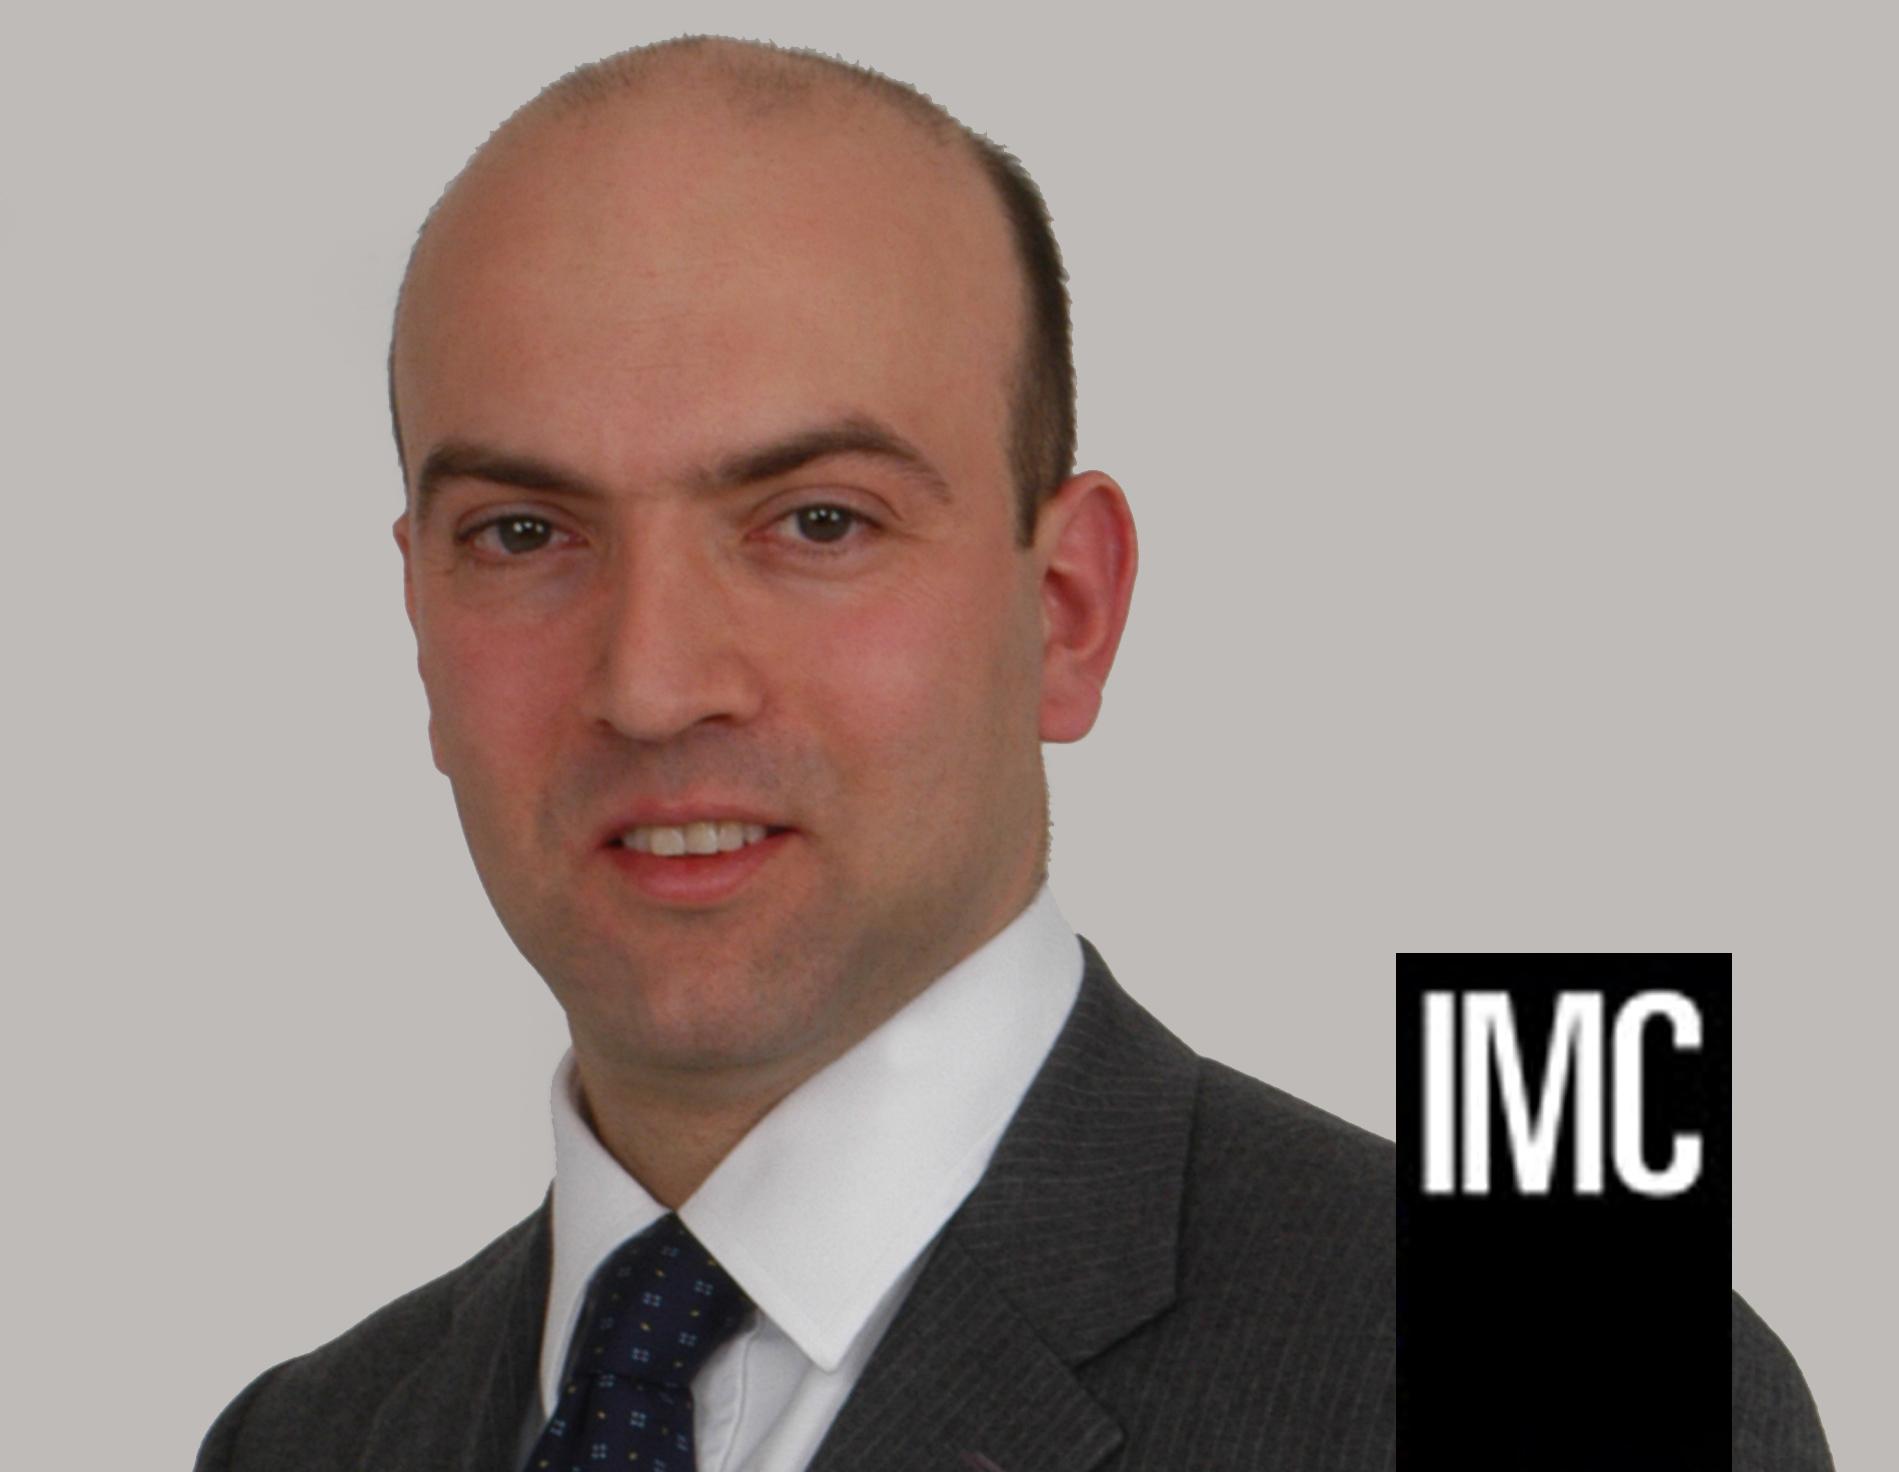 Renato Mendola primo piano IMC